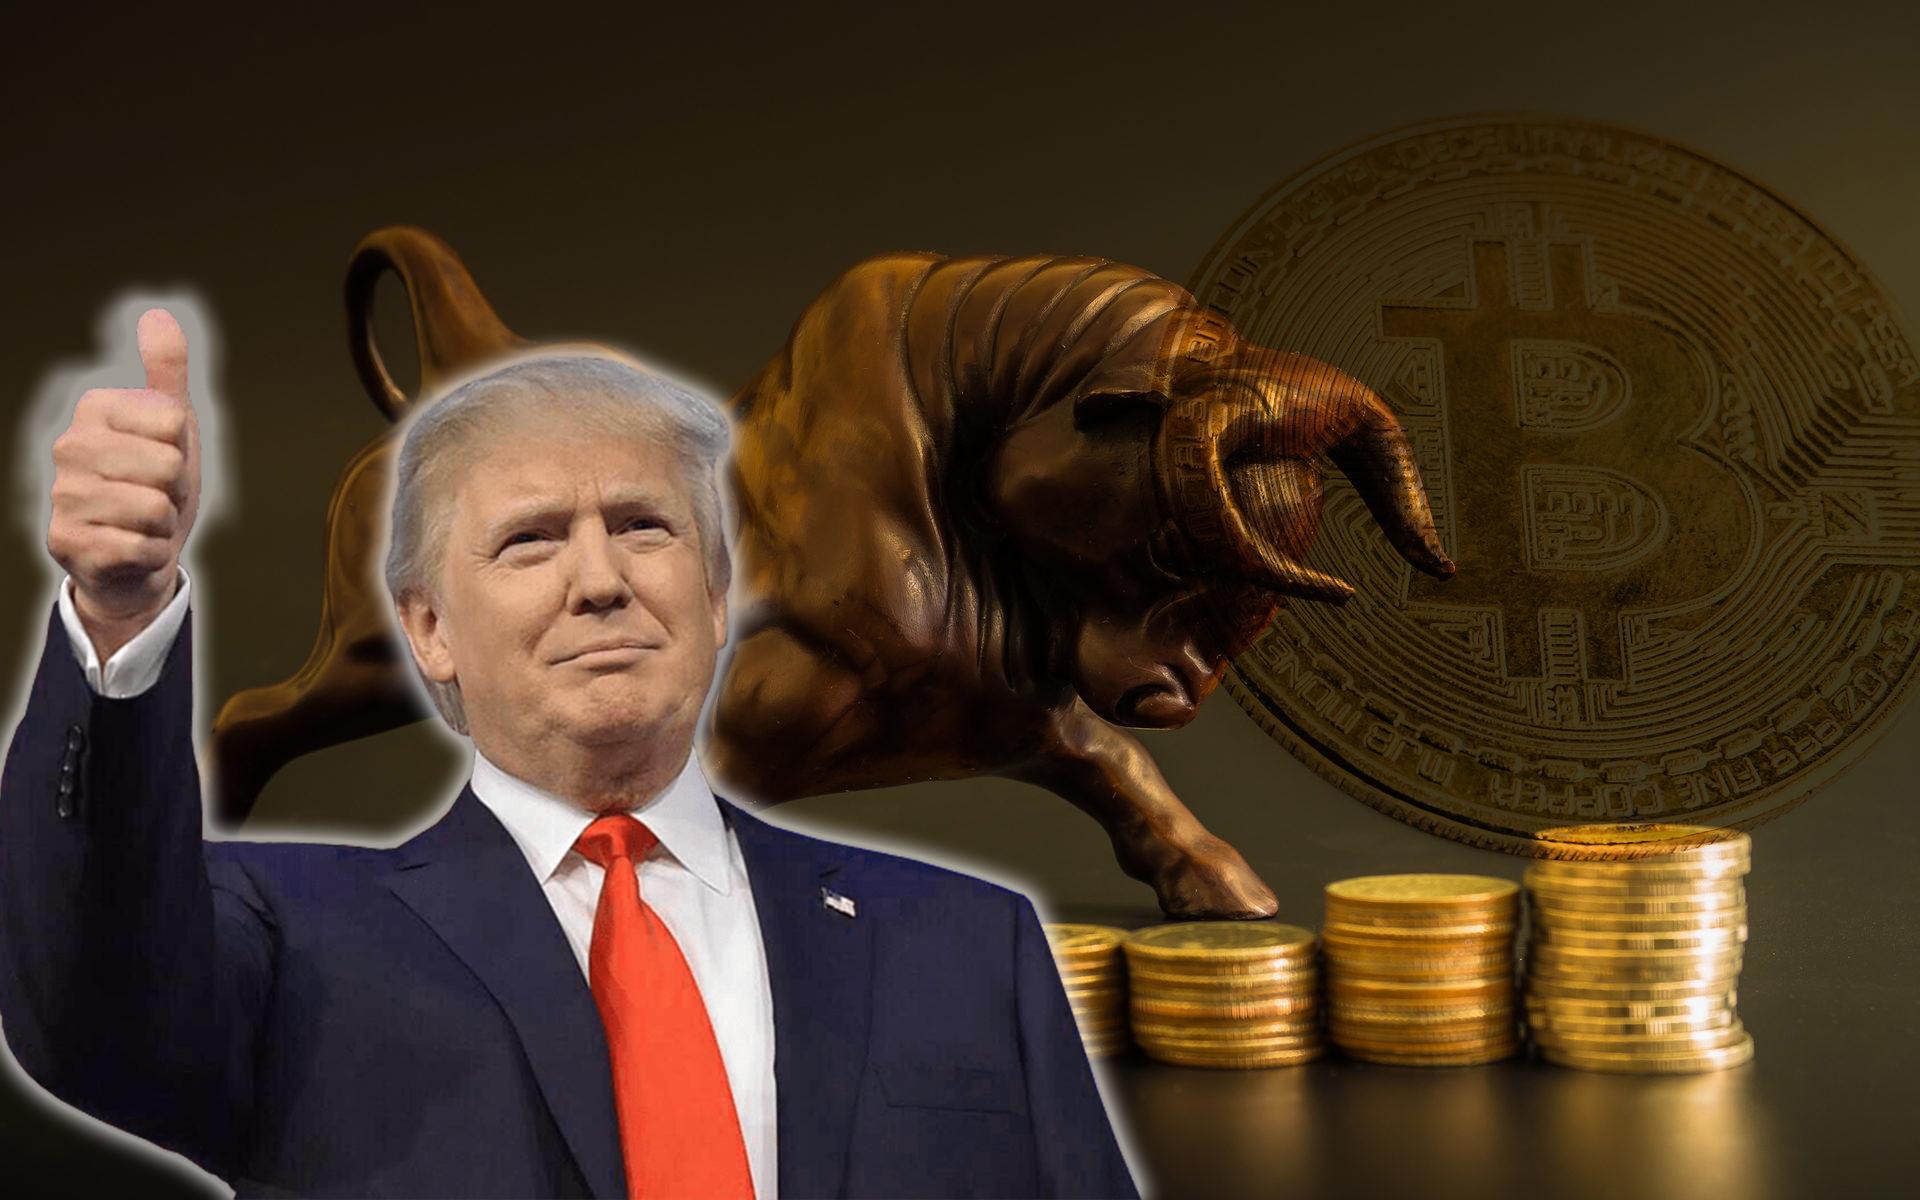 forbes donald trump bitcoin btc boğa piyasasını tetikleyebilir